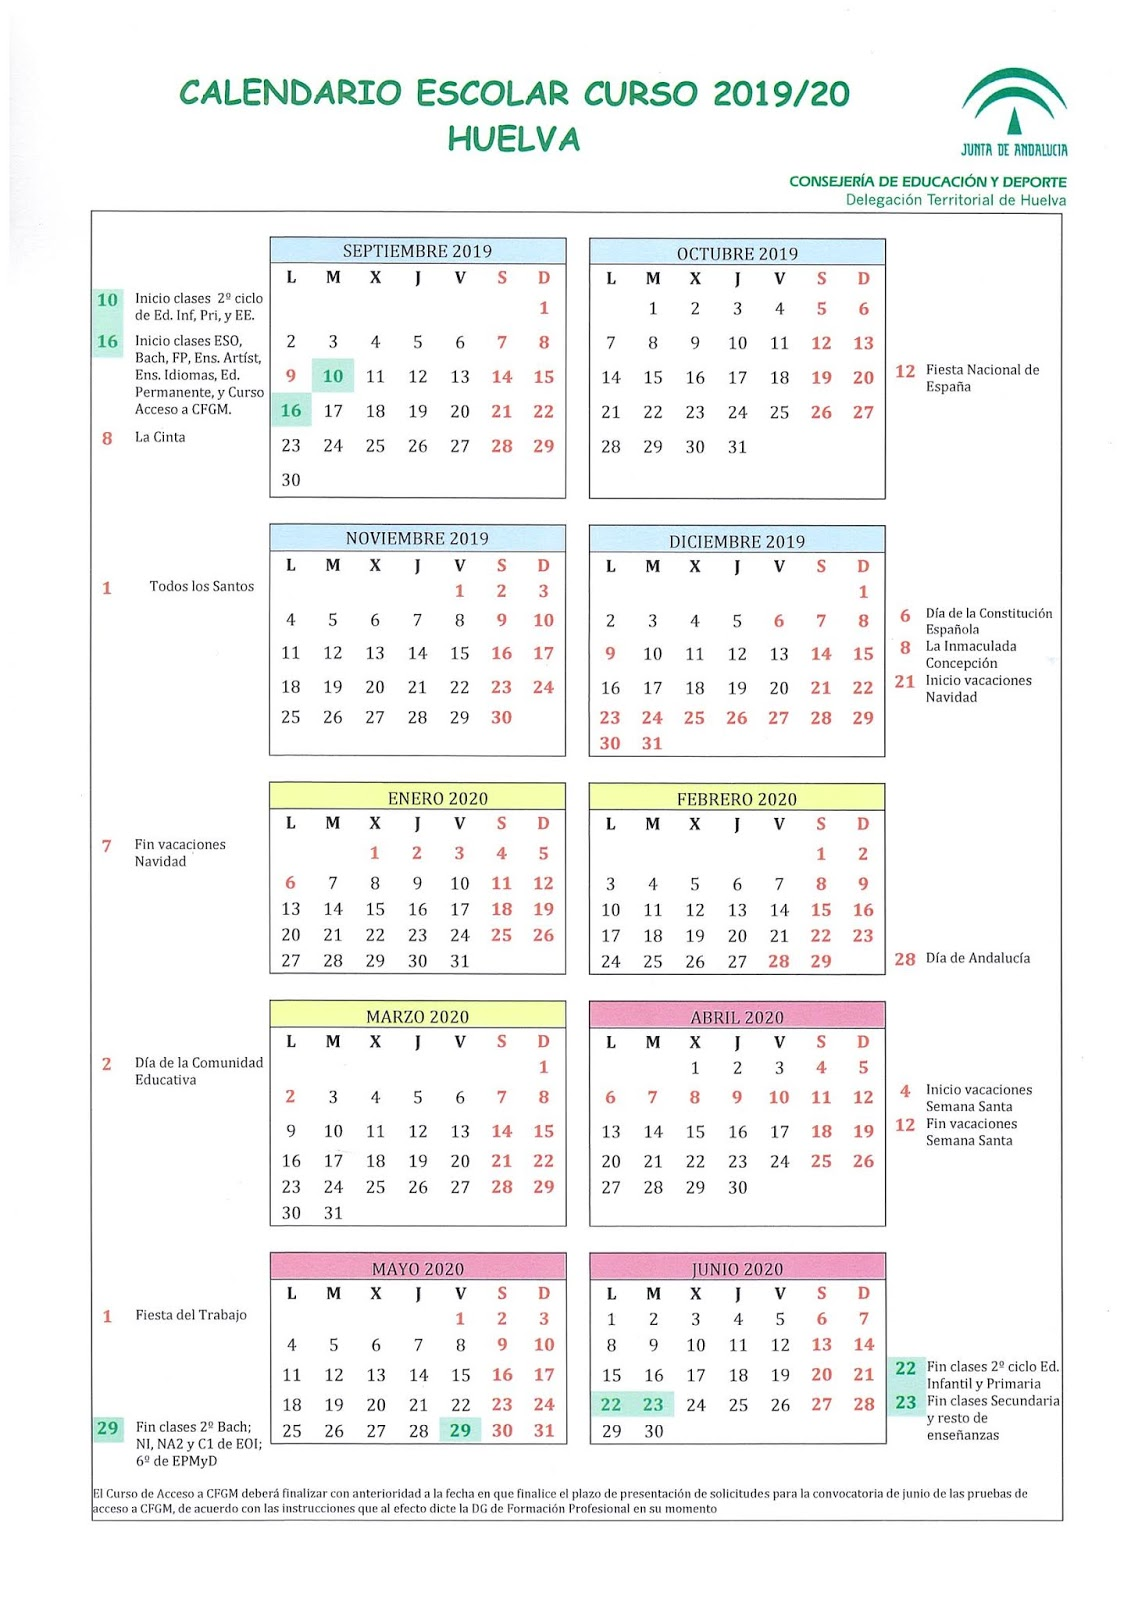 Calendario Escolar 2020 Andalucia.Calendario Escolar Curso 2019 20 C E I P Sanchez Arjona